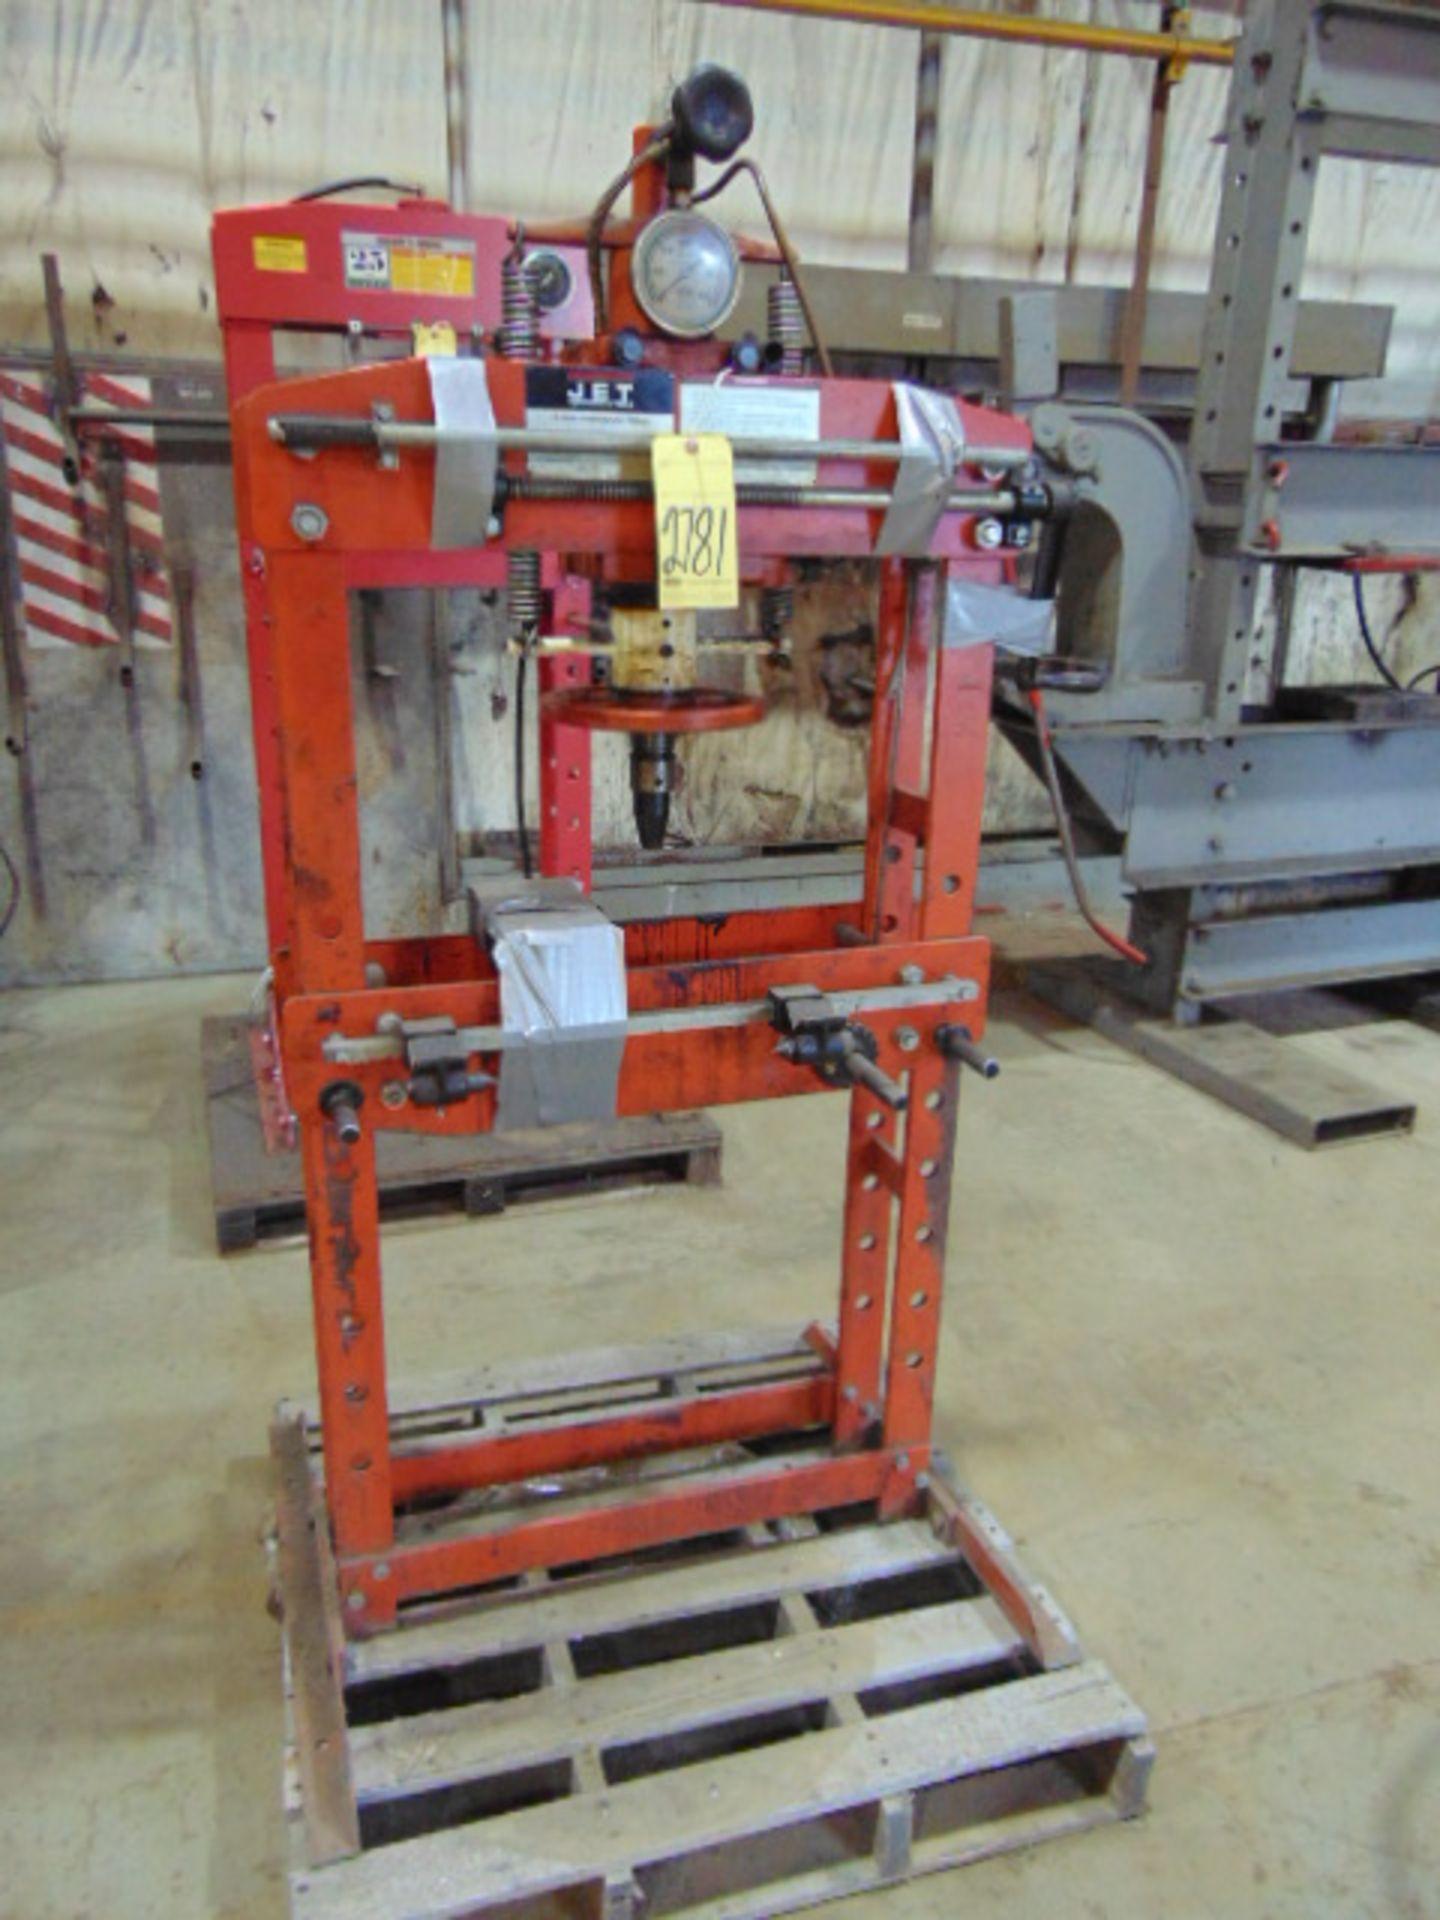 Lot 2781 - SHOP PRESS, JET 15 T. CAP. MDL. HP15A, hand pump hyd. unit, adj. ht. bed, assorted accessories